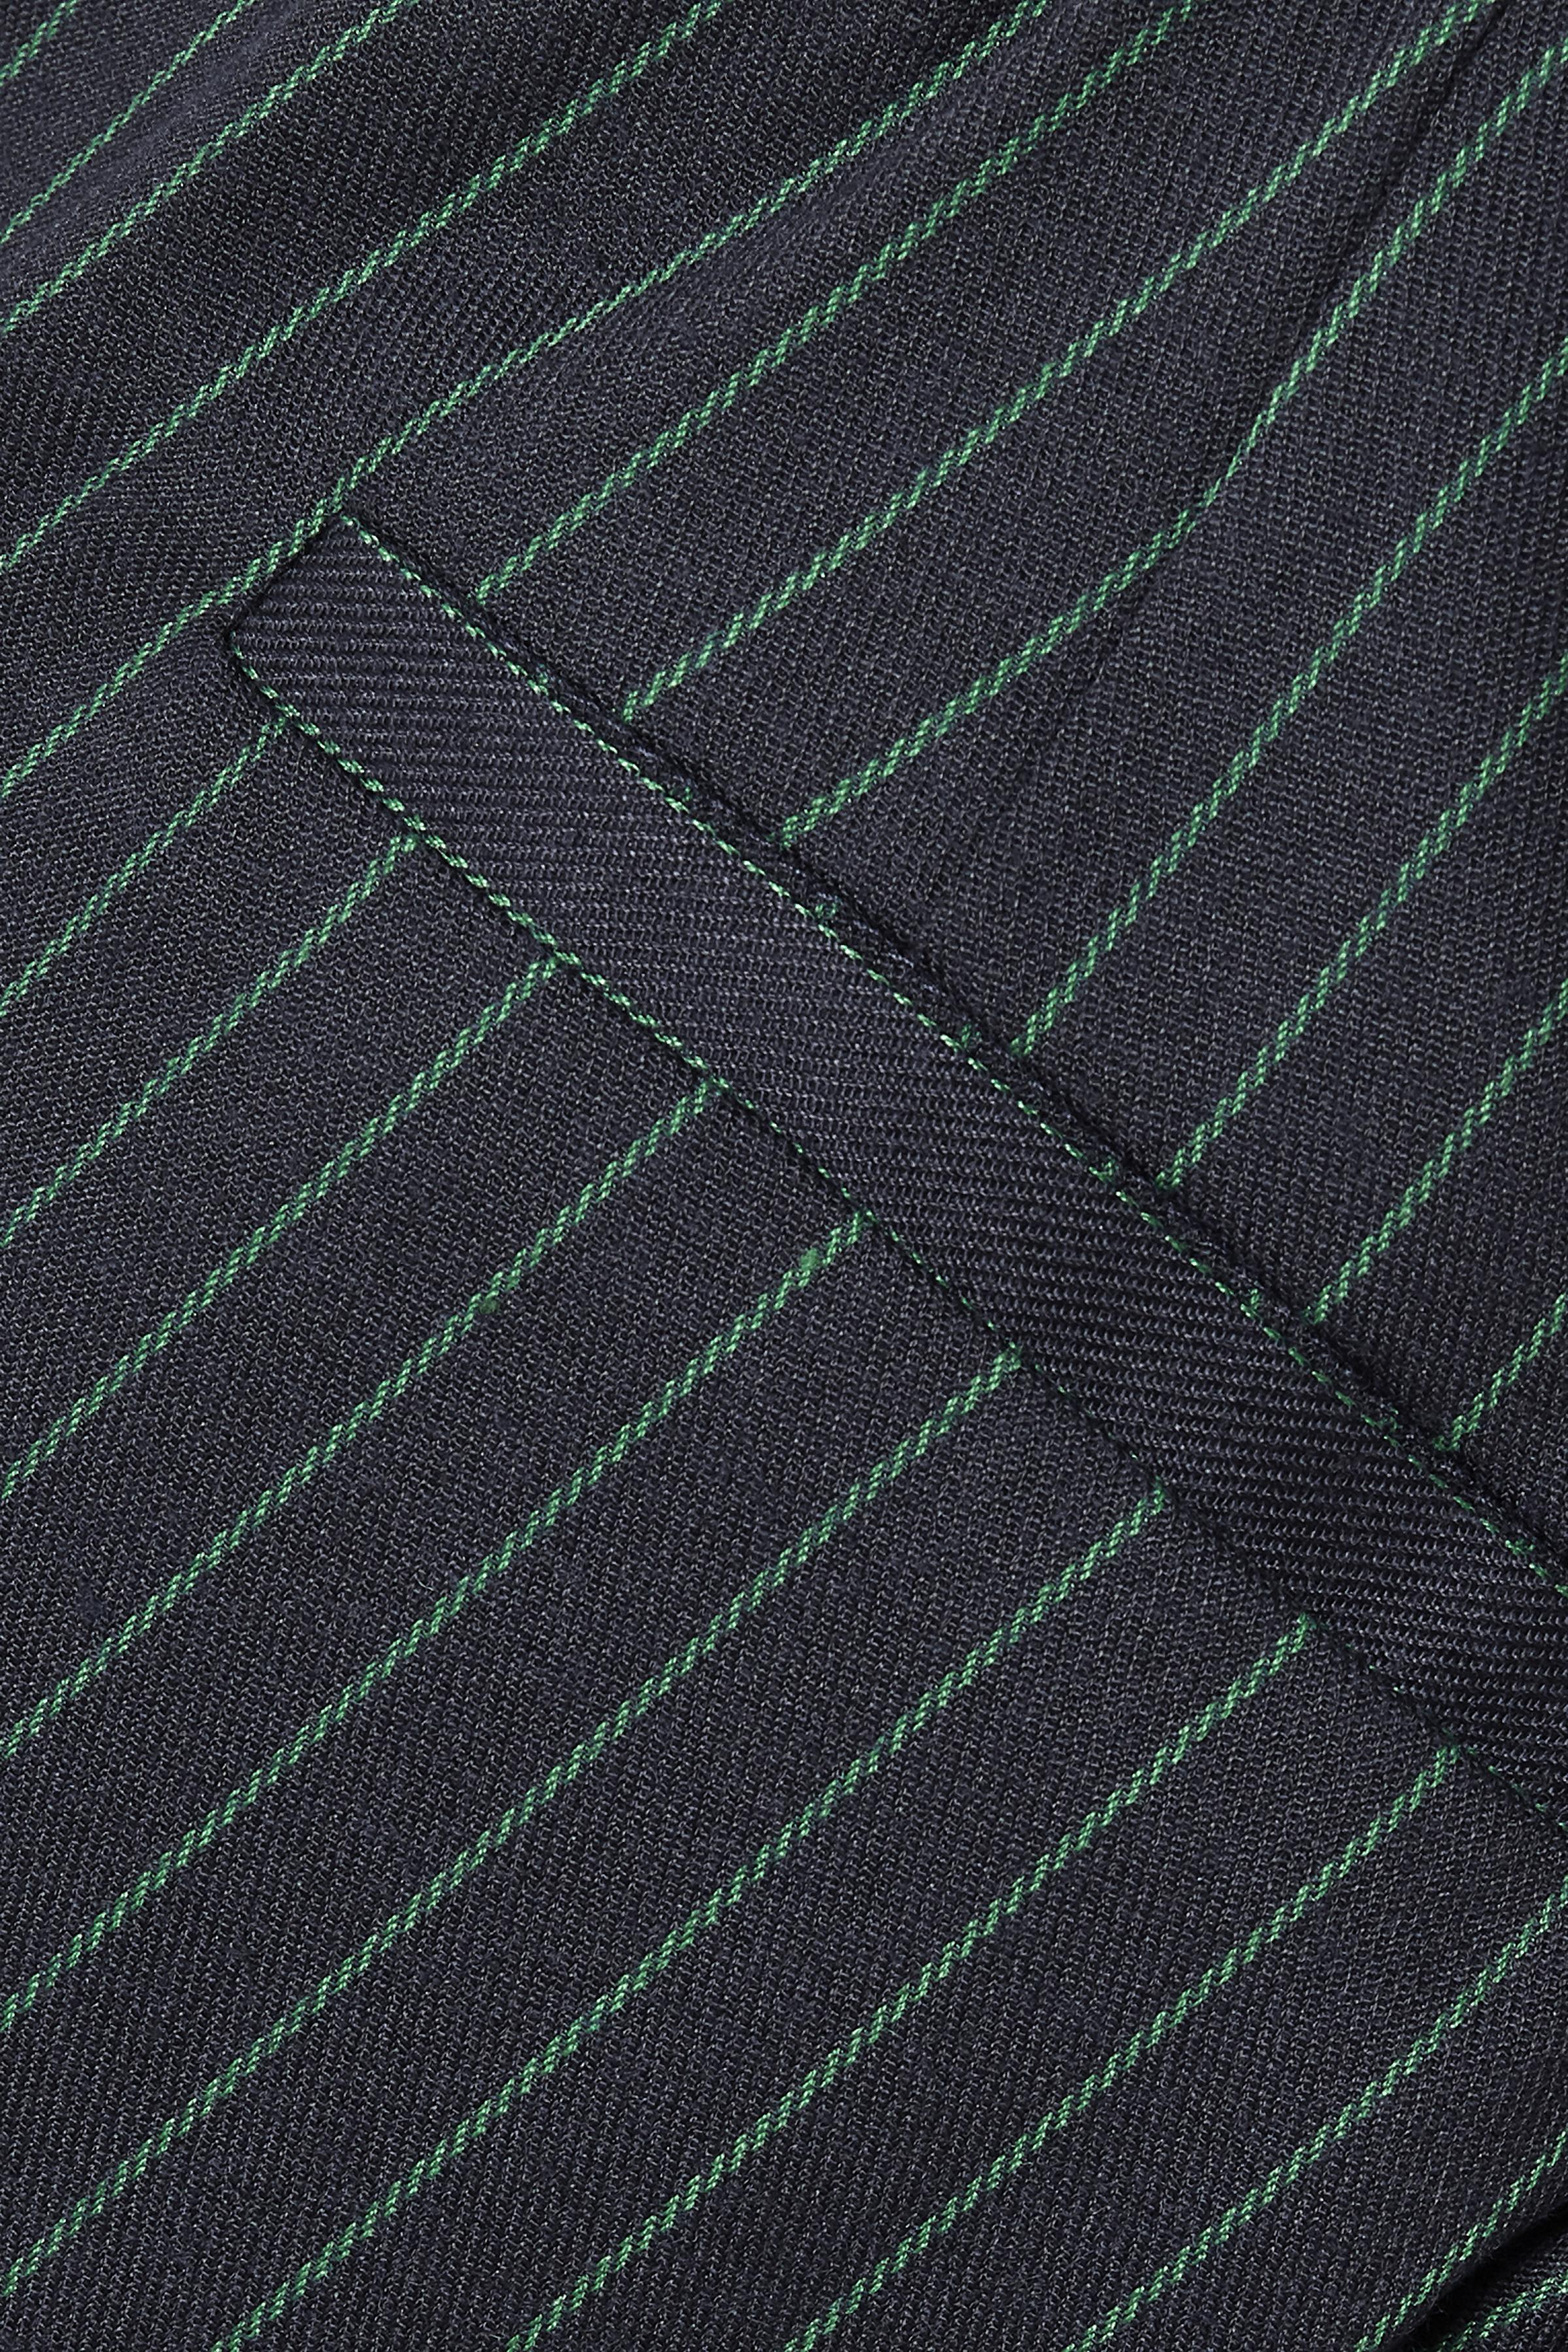 Marineblau/staubgrün Hose von Kaffe – Shoppen Sie Marineblau/staubgrün Hose ab Gr. 34-46 hier